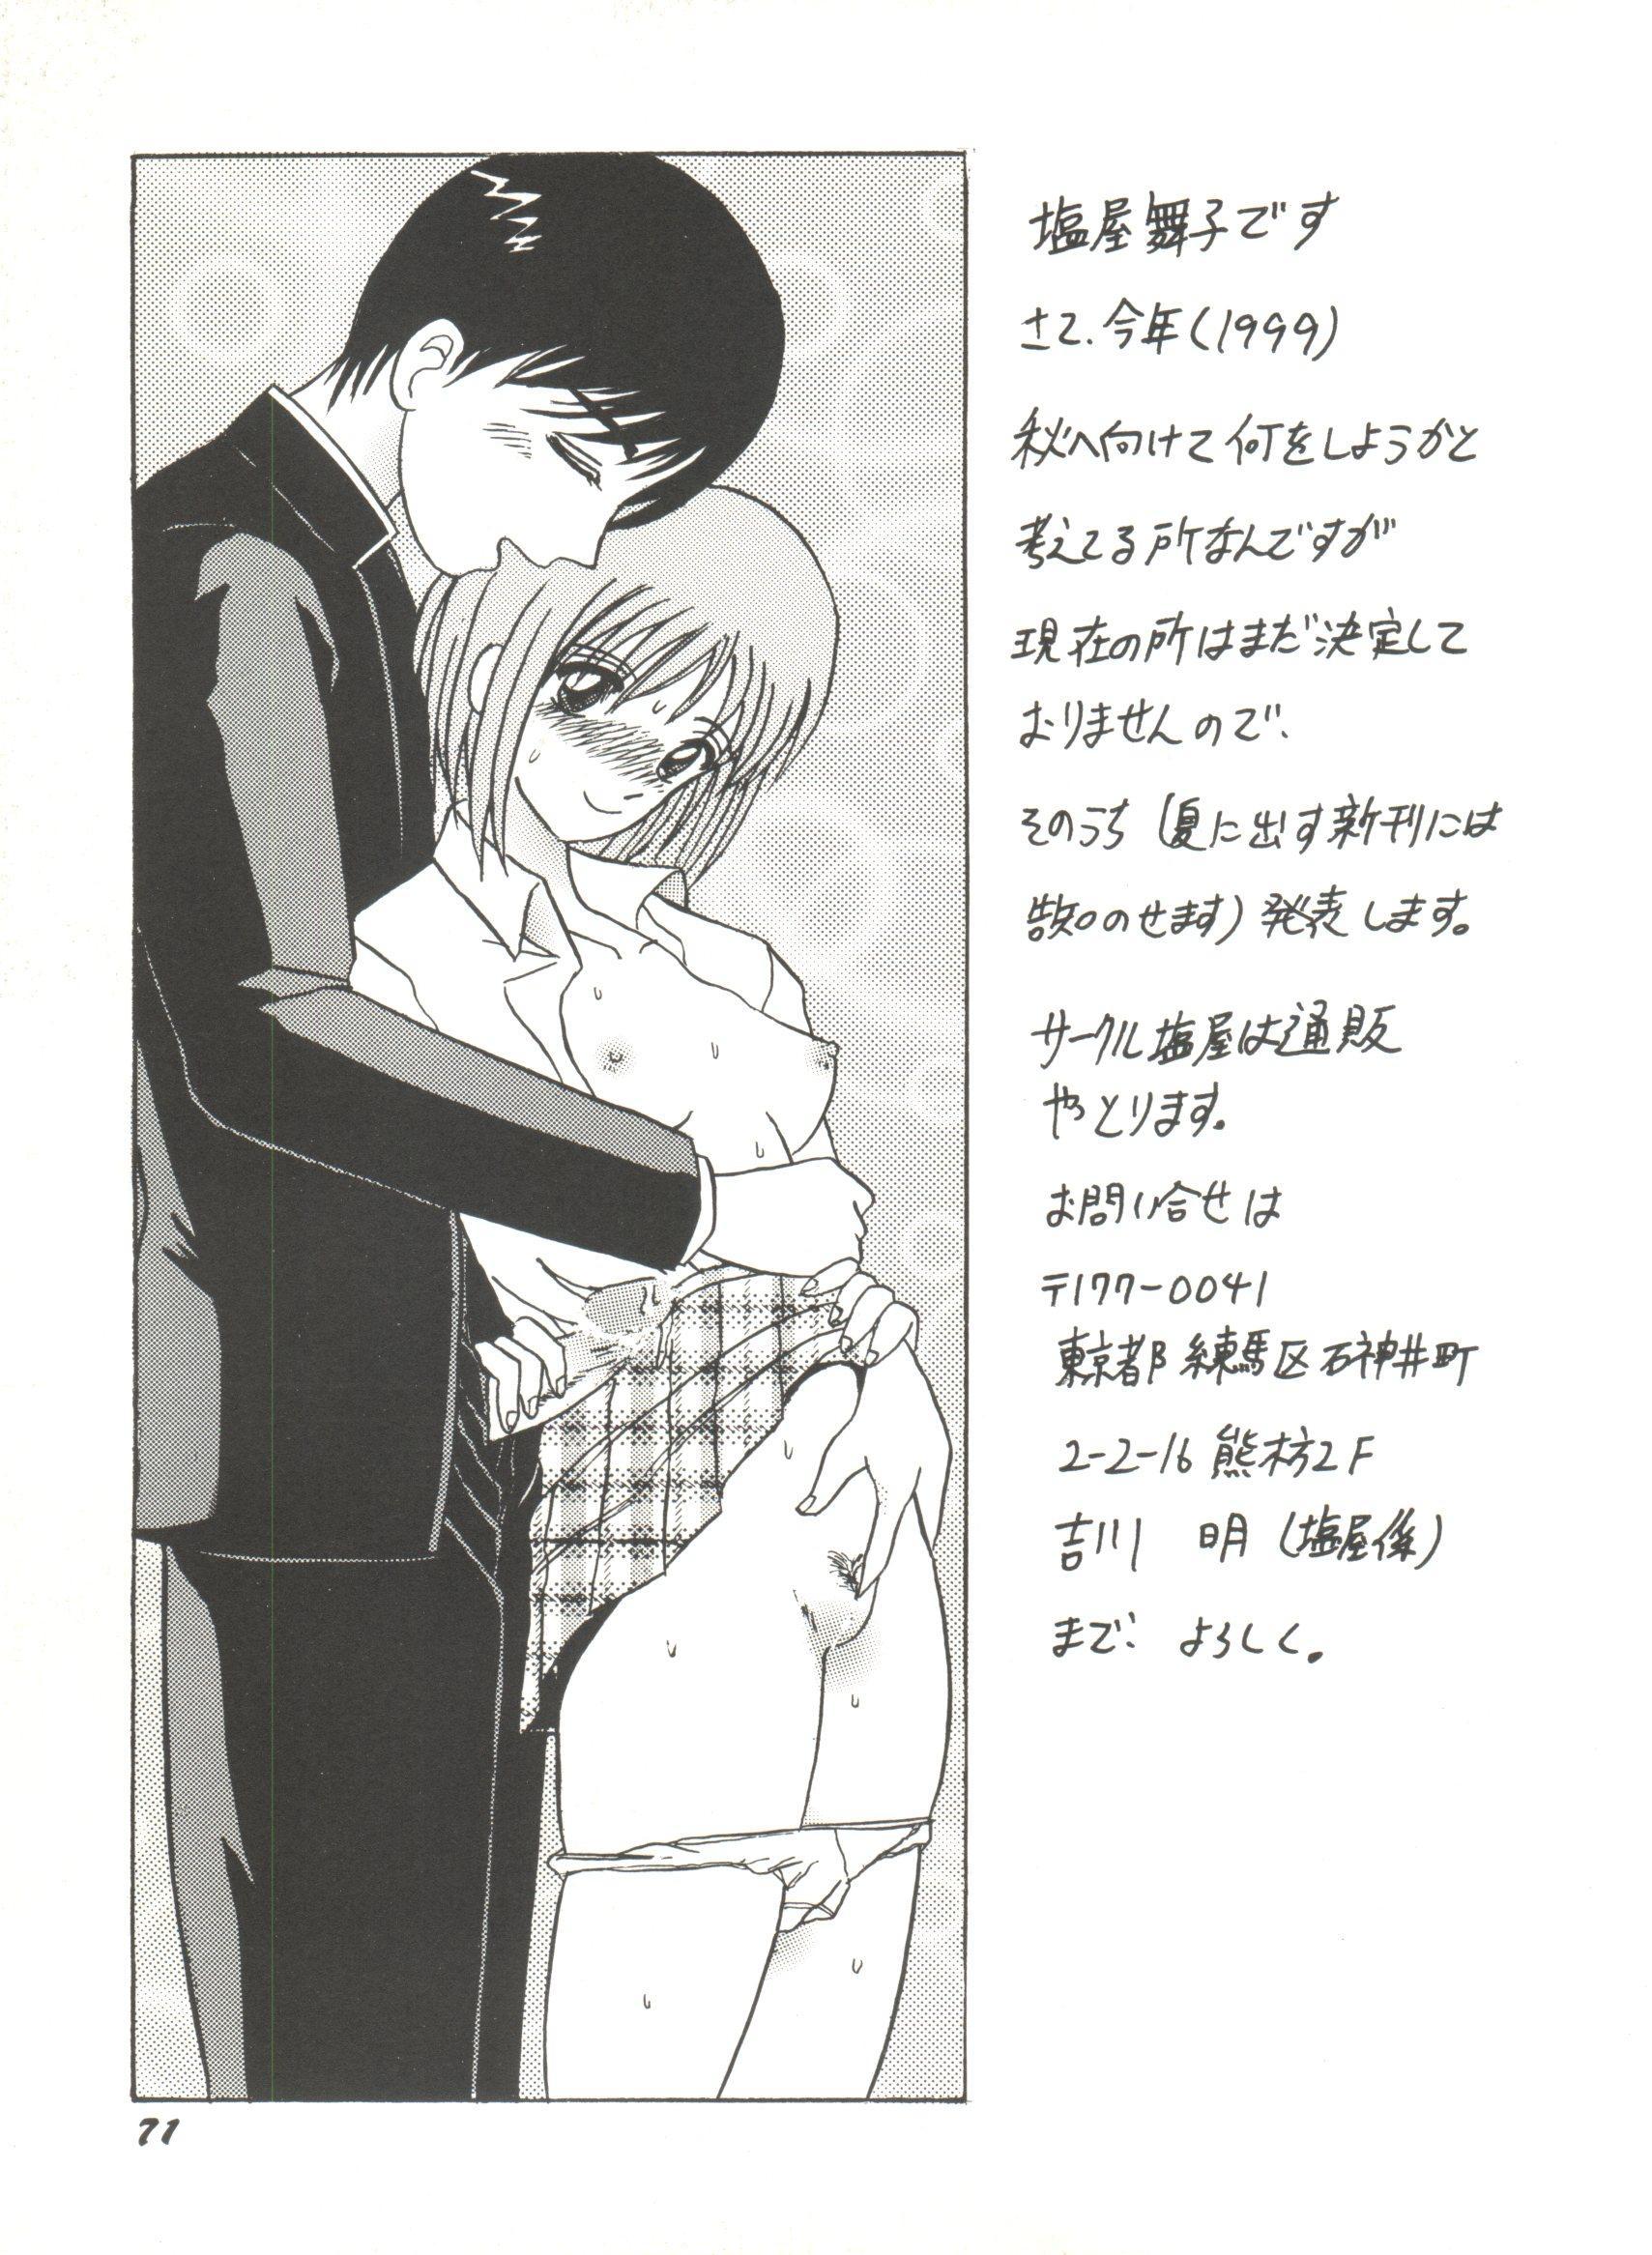 Bishoujo Doujinshi Anthology Cute 4 72